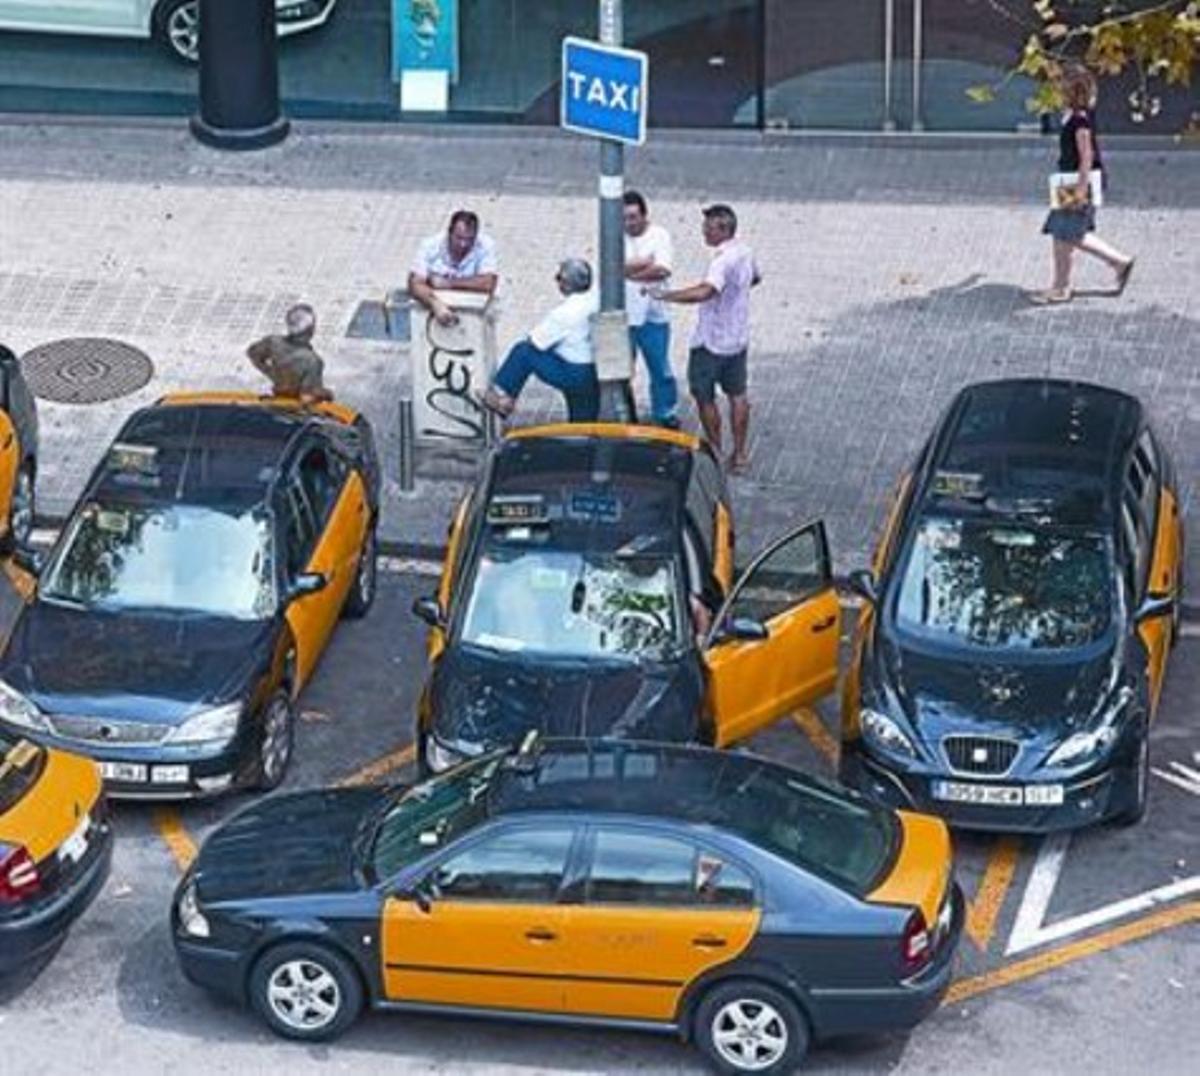 Varios taxistas aguardan la llegada de clientes en la parada de Diputació con Rambla de Catalunya, foto de archivo.